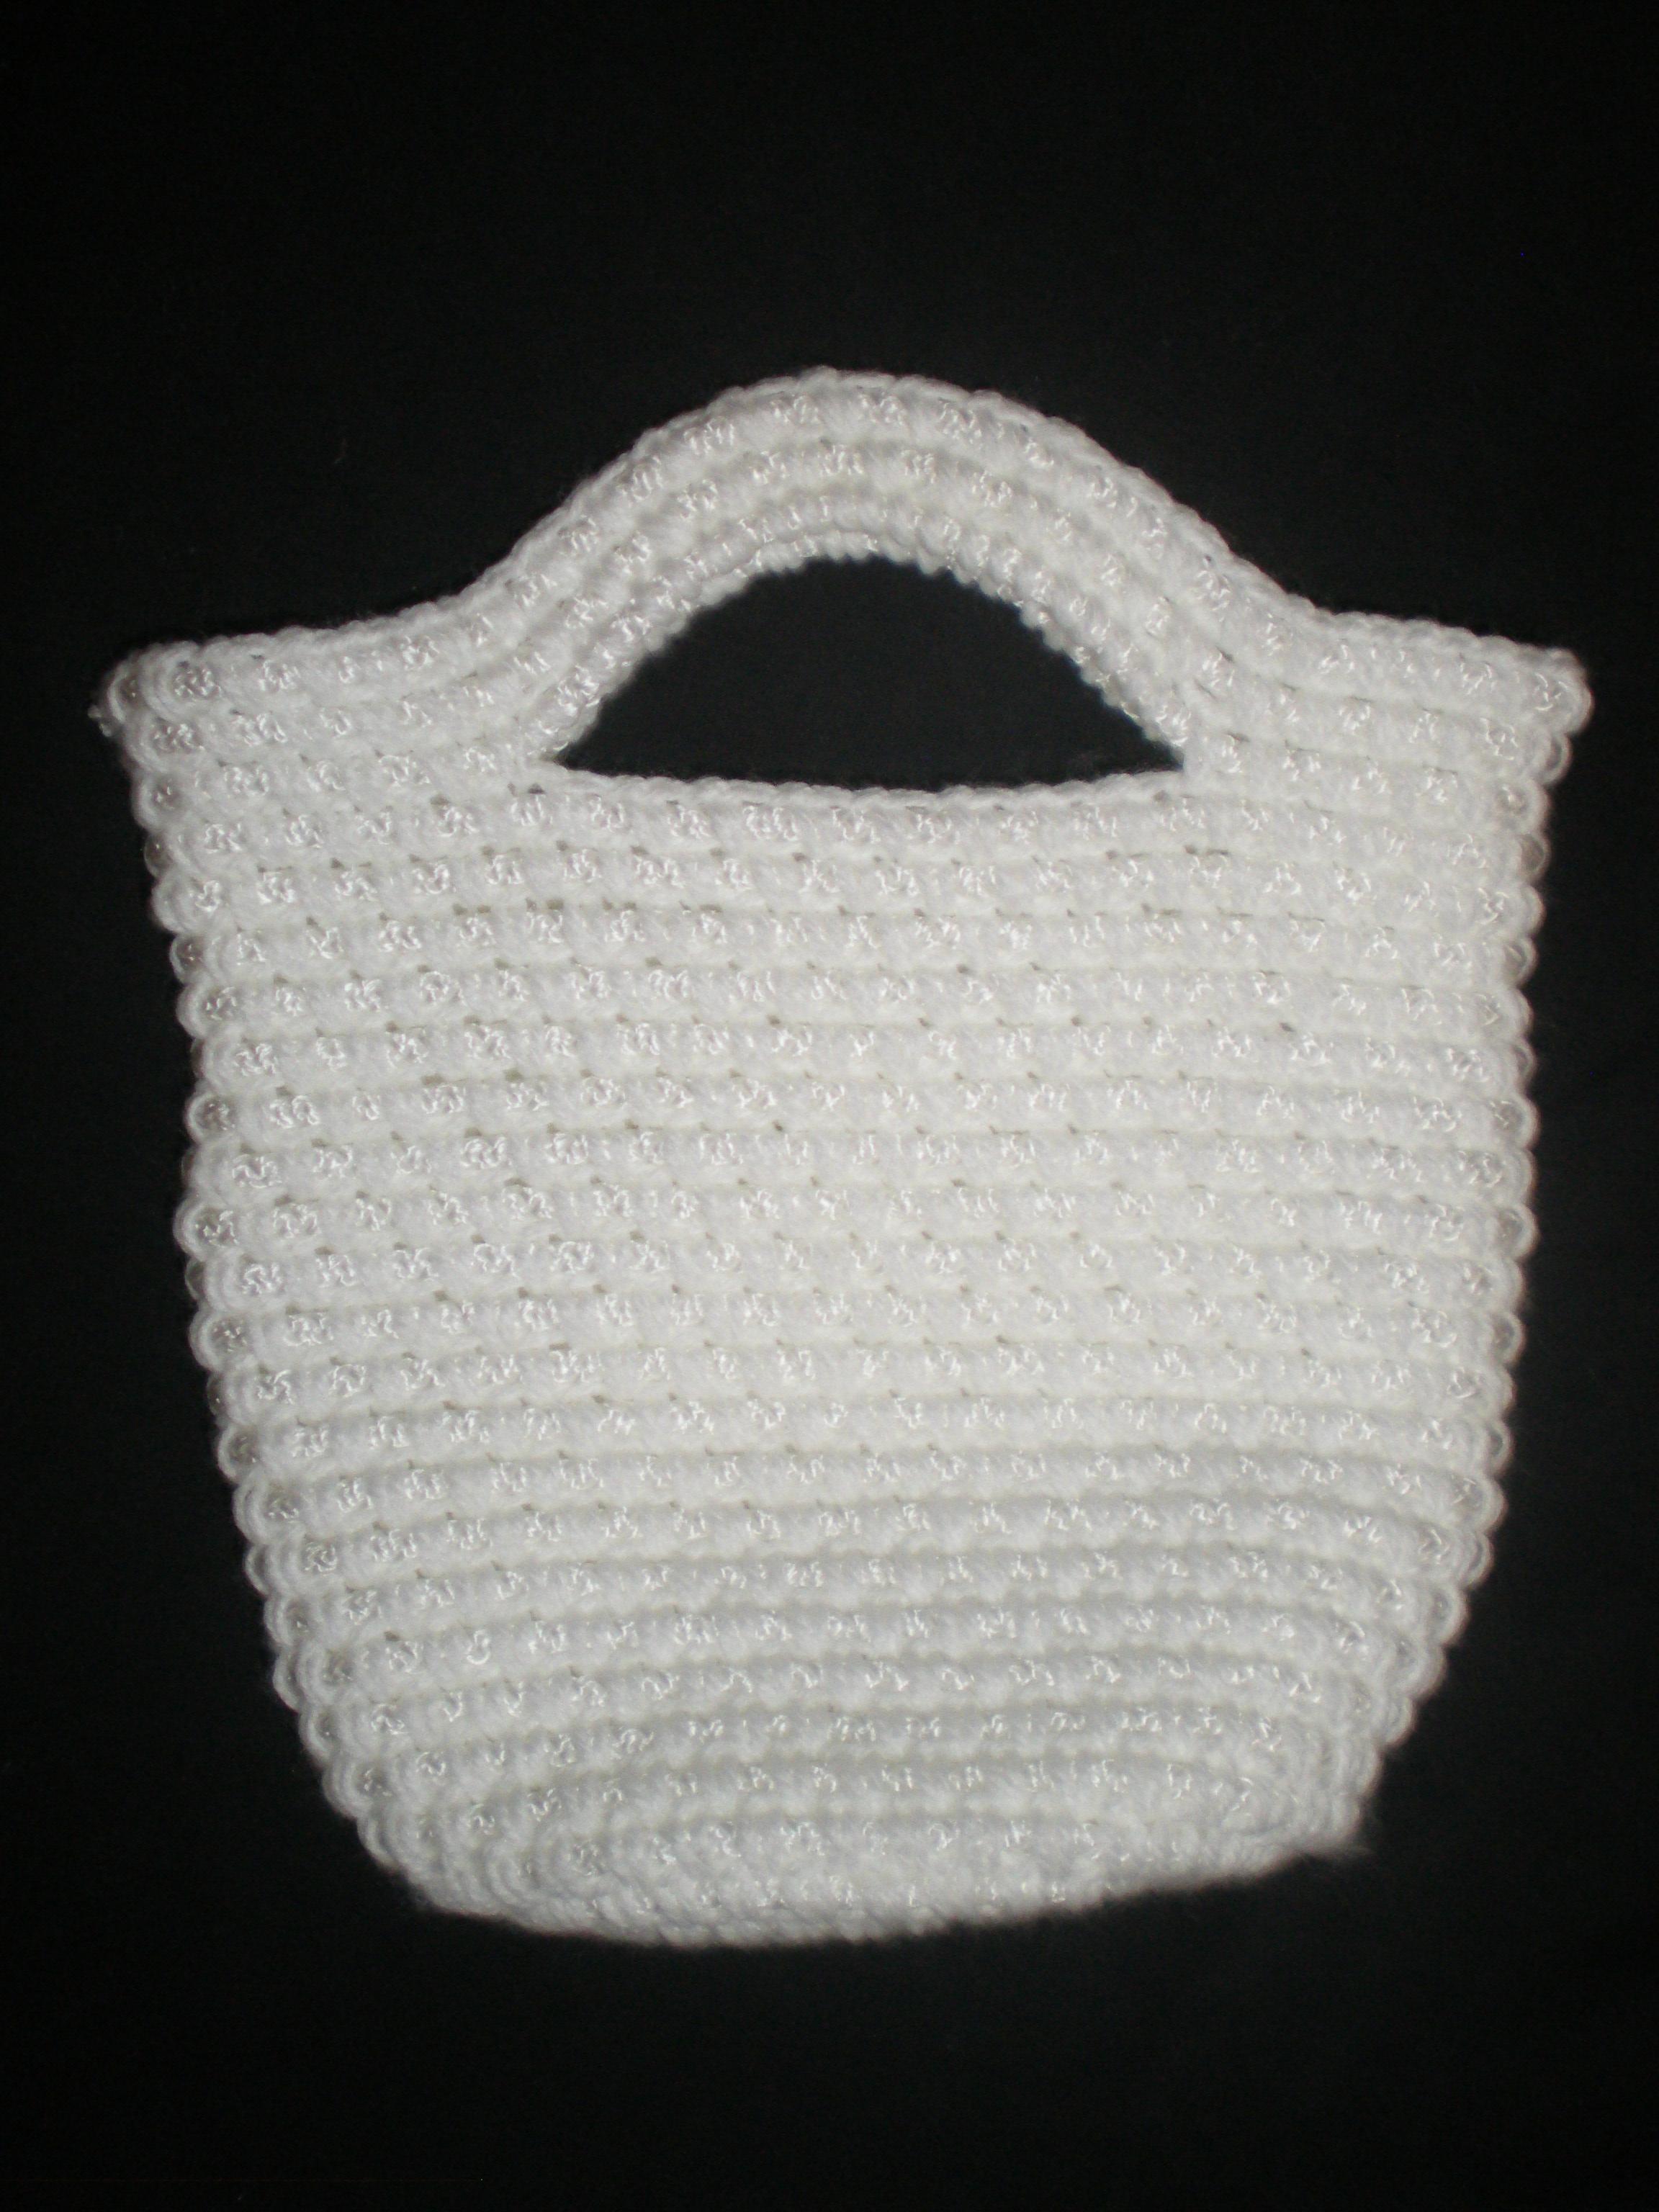 7acf1dc76c59 Размер и форму сумки можно сделать такими, как подскажет фантазия. Сумка  может быть прямоугольной или трапециевидной формы, в виде цилиндра или в  виде ...